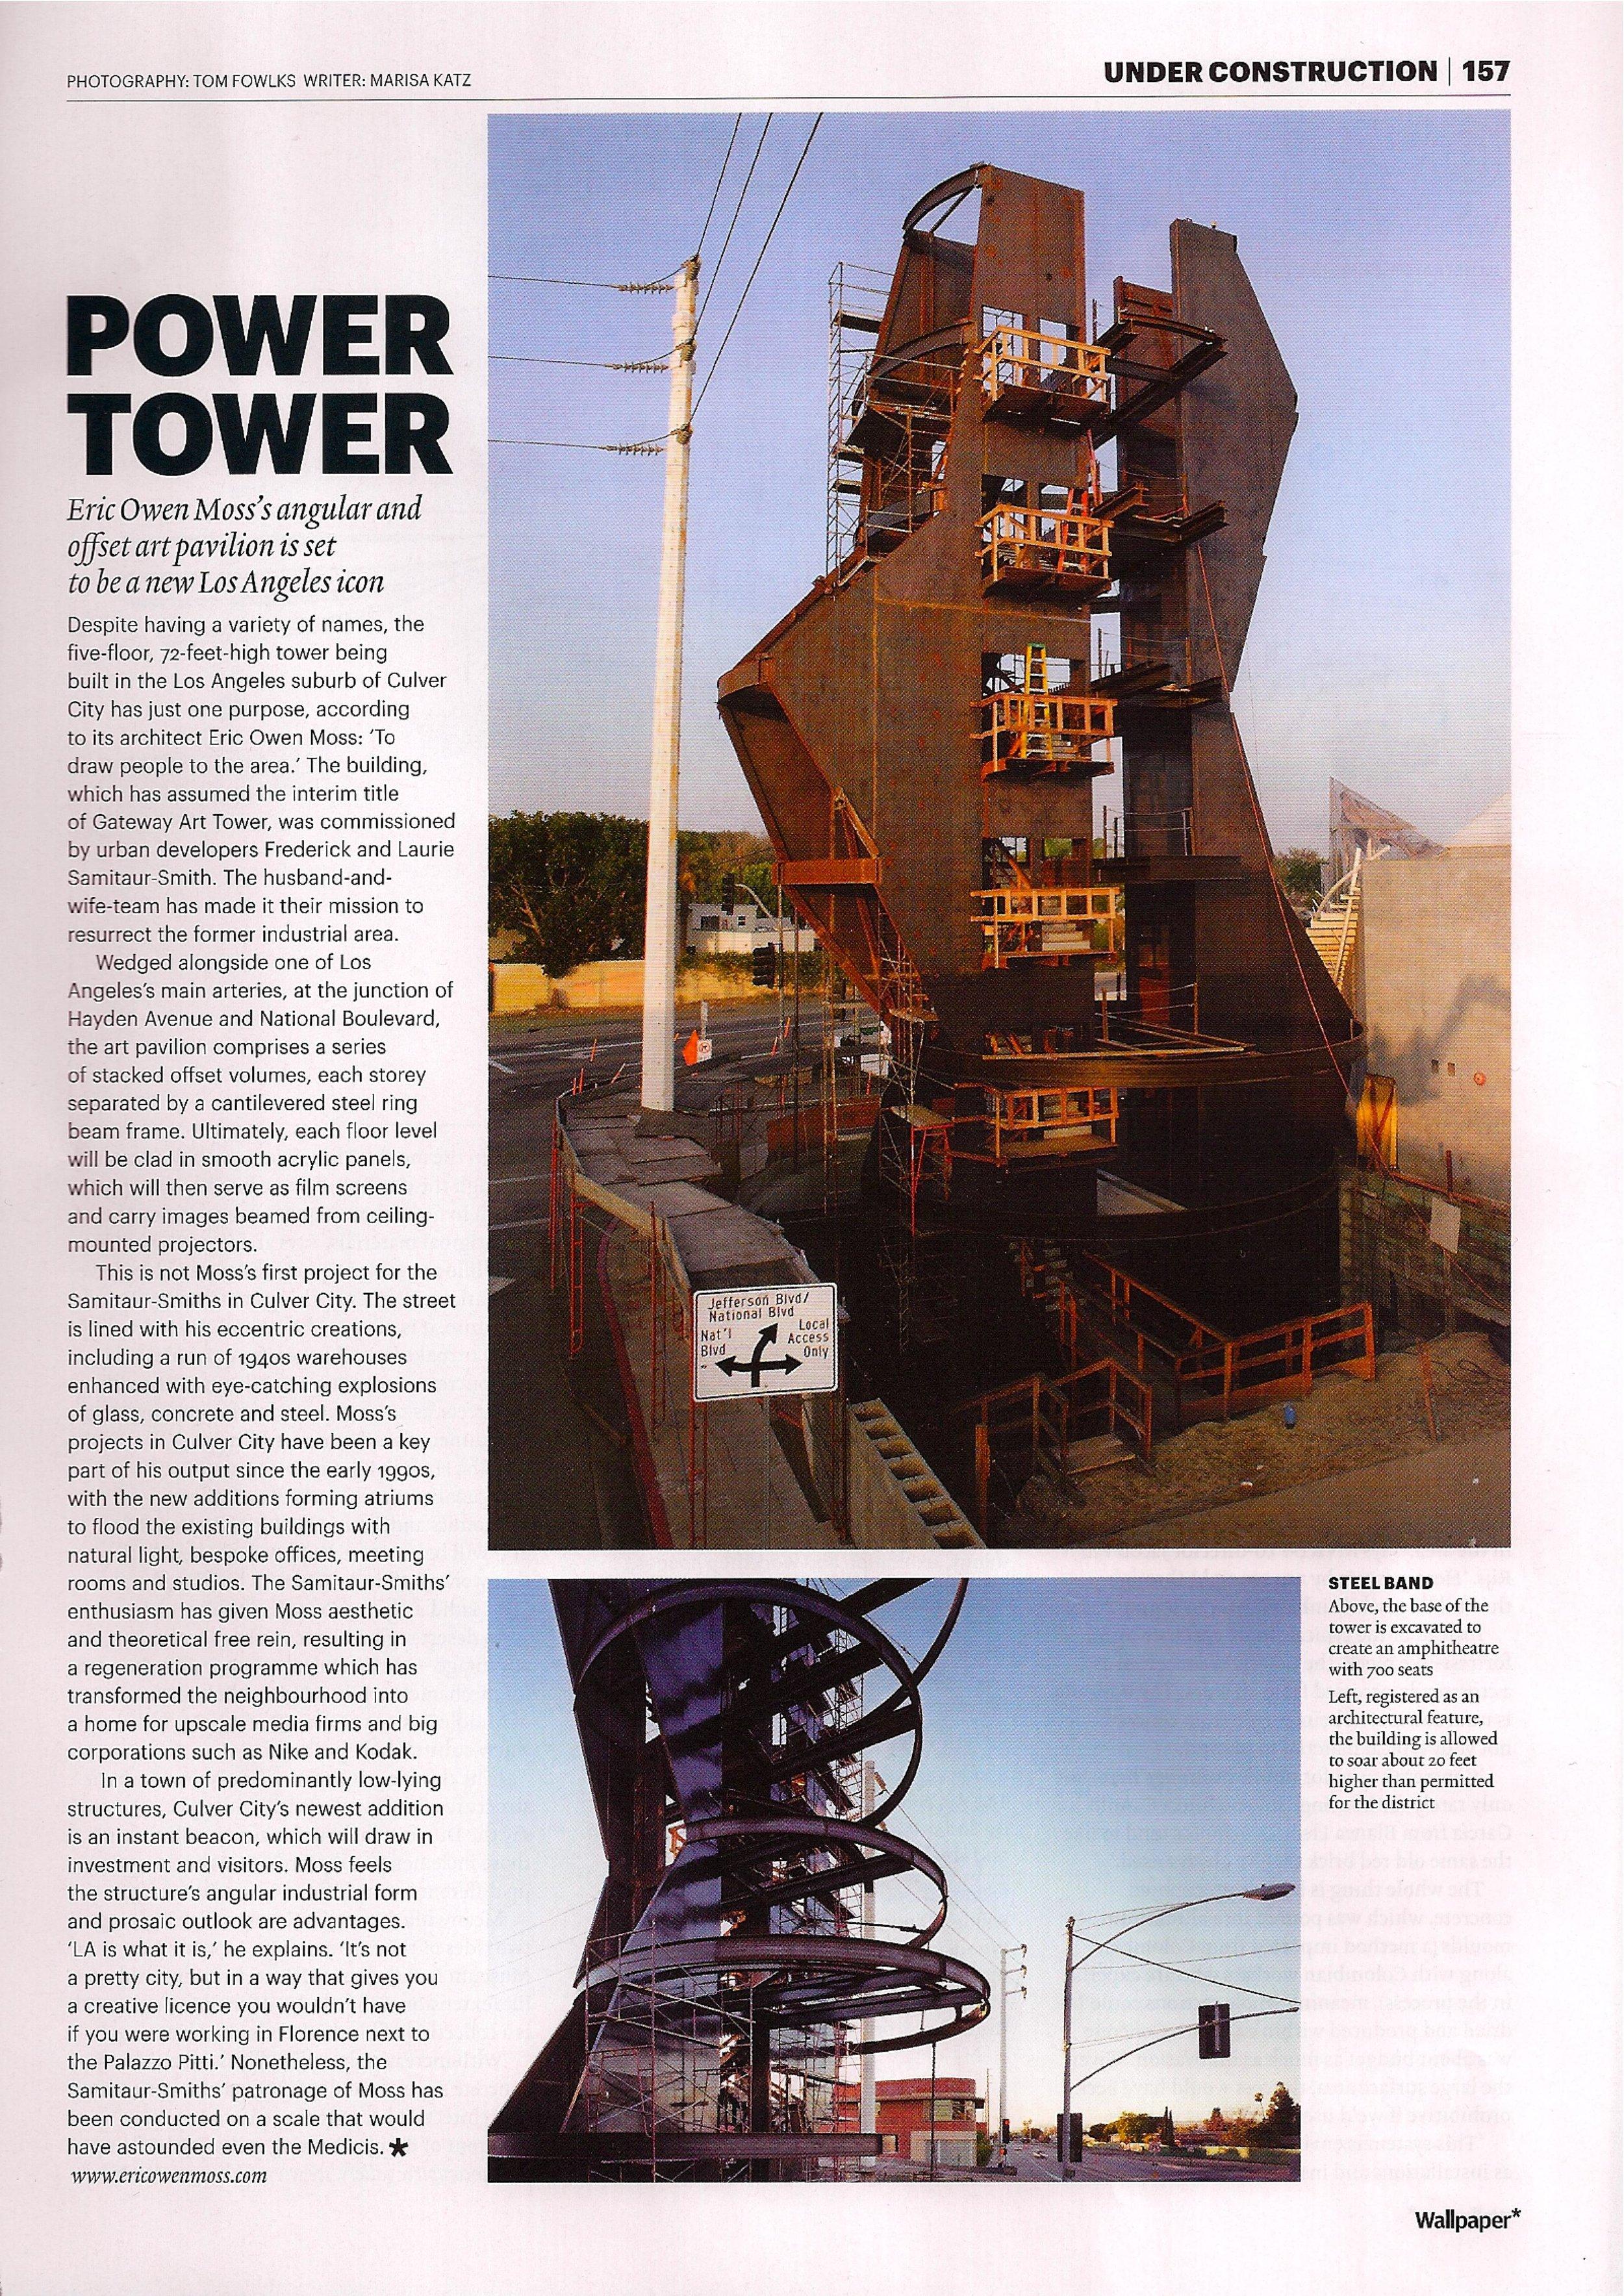 towerb.jpg